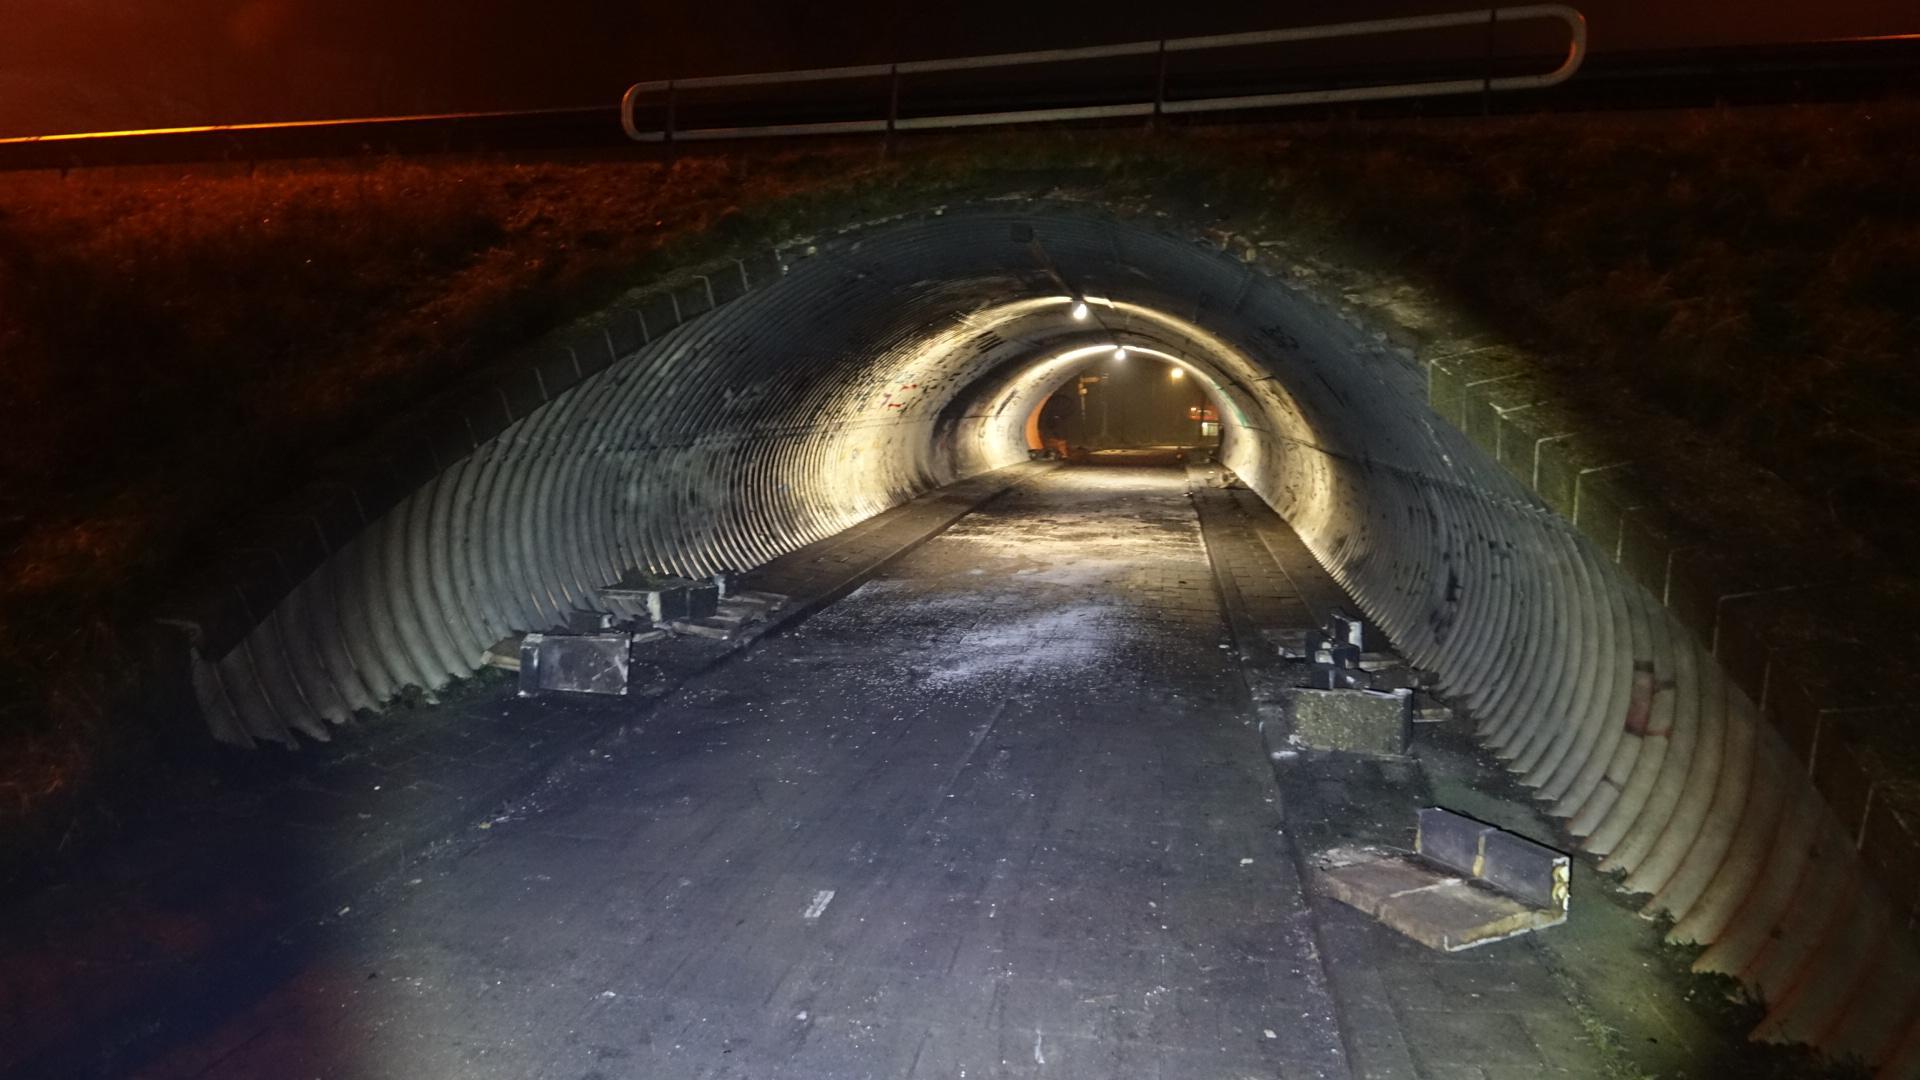 'Zes cobra's en 75 liter benzine': fietstunnel in Wognum flink beschadigd door explosie [video]